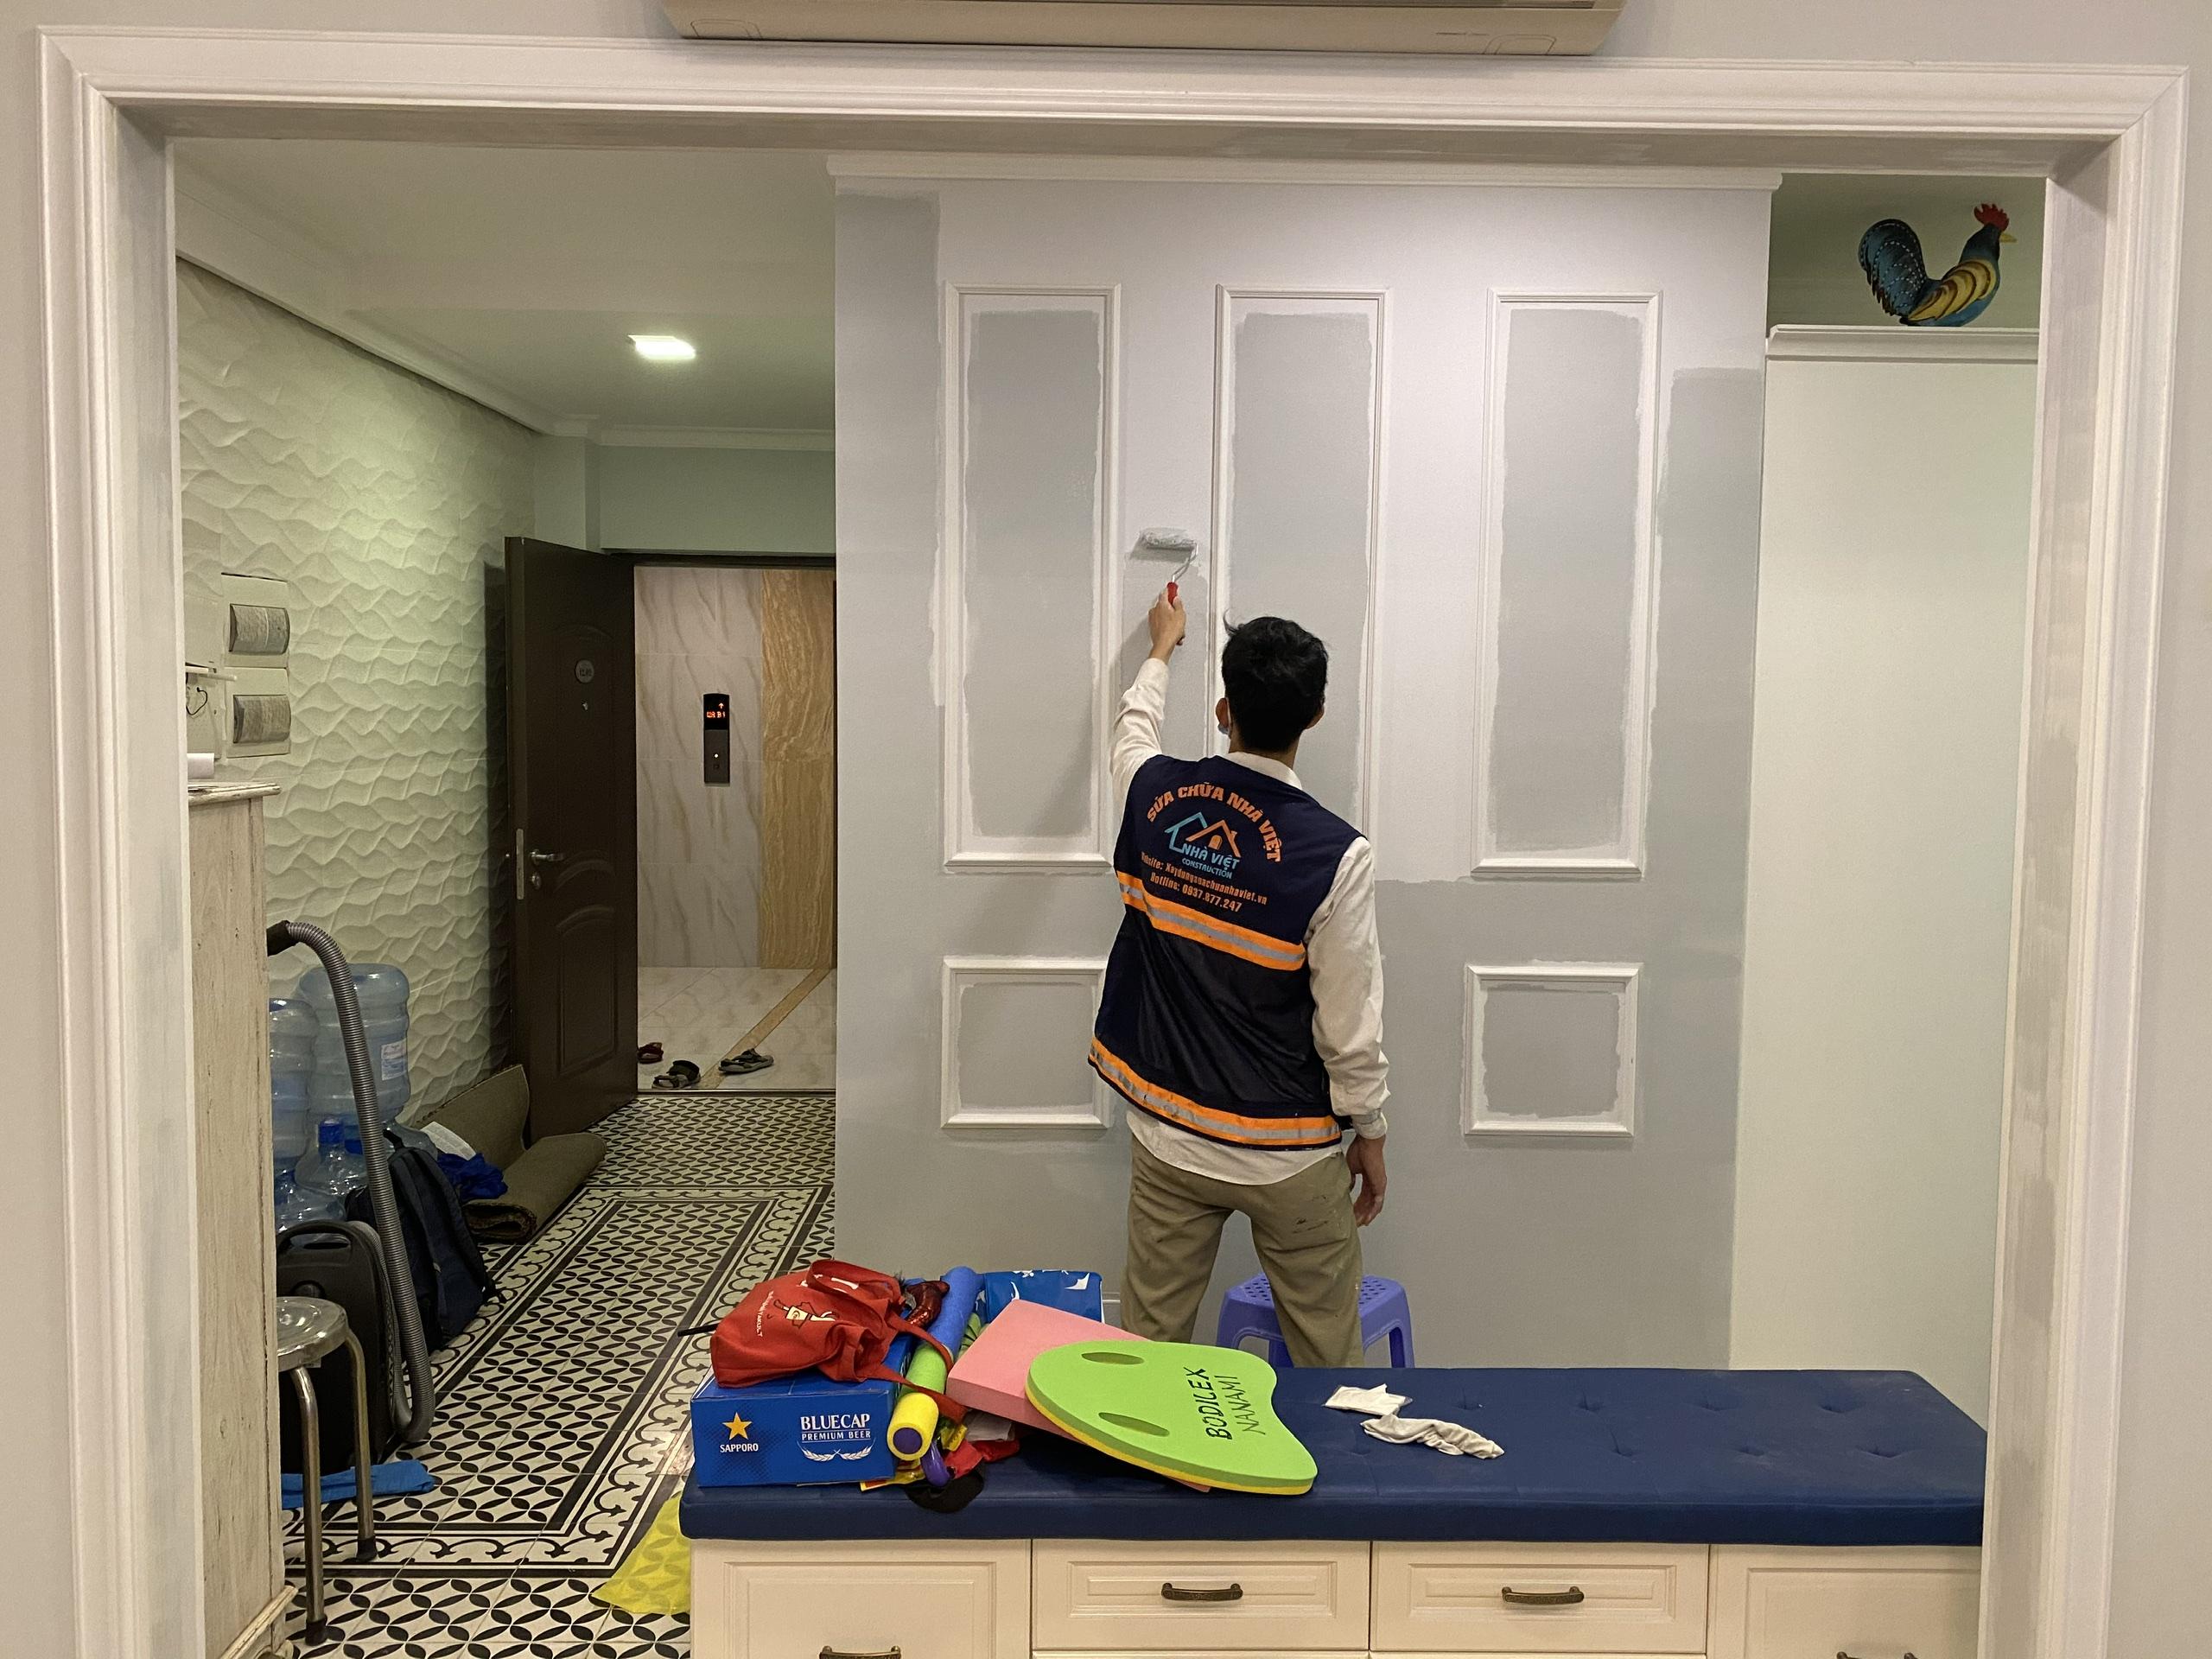 gia thi cong son nuoc 7 - Báo giá thi công sơn nước mới nhất, rẻ nhất tại Tp Hồ Chí Minh